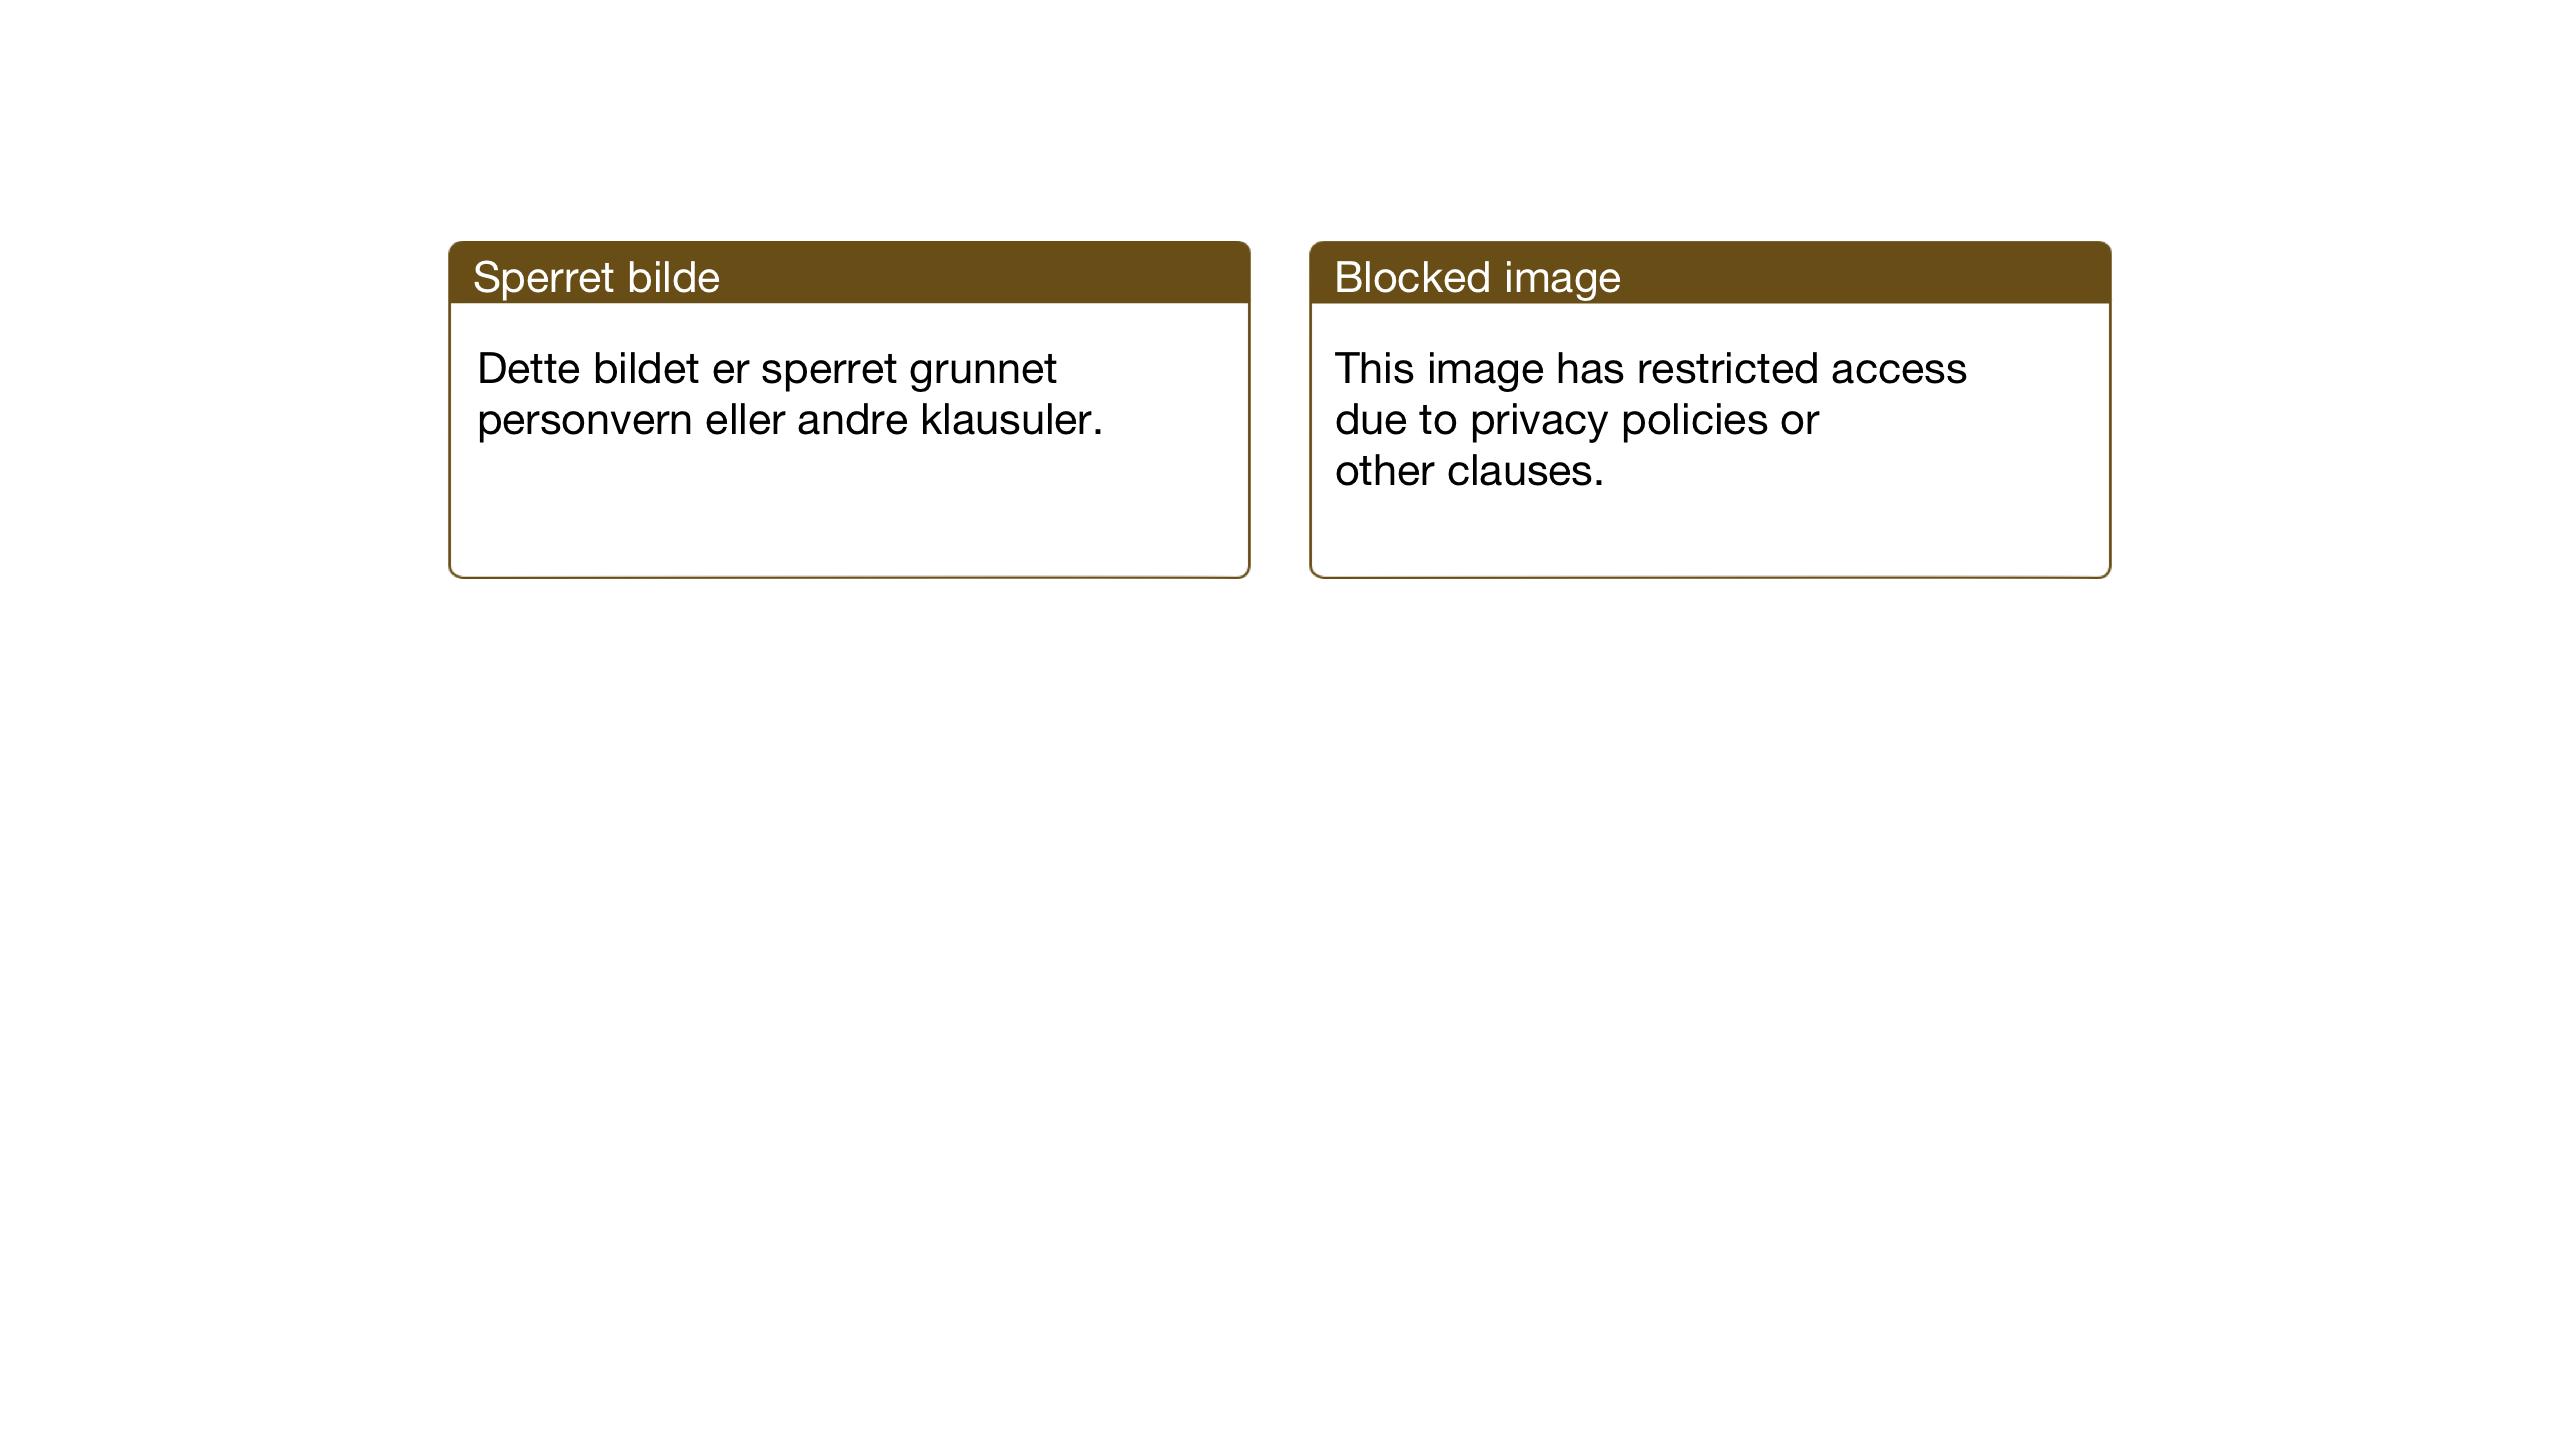 SAT, Ministerialprotokoller, klokkerbøker og fødselsregistre - Sør-Trøndelag, 615/L0401: Klokkerbok nr. 615C02, 1922-1941, s. 72